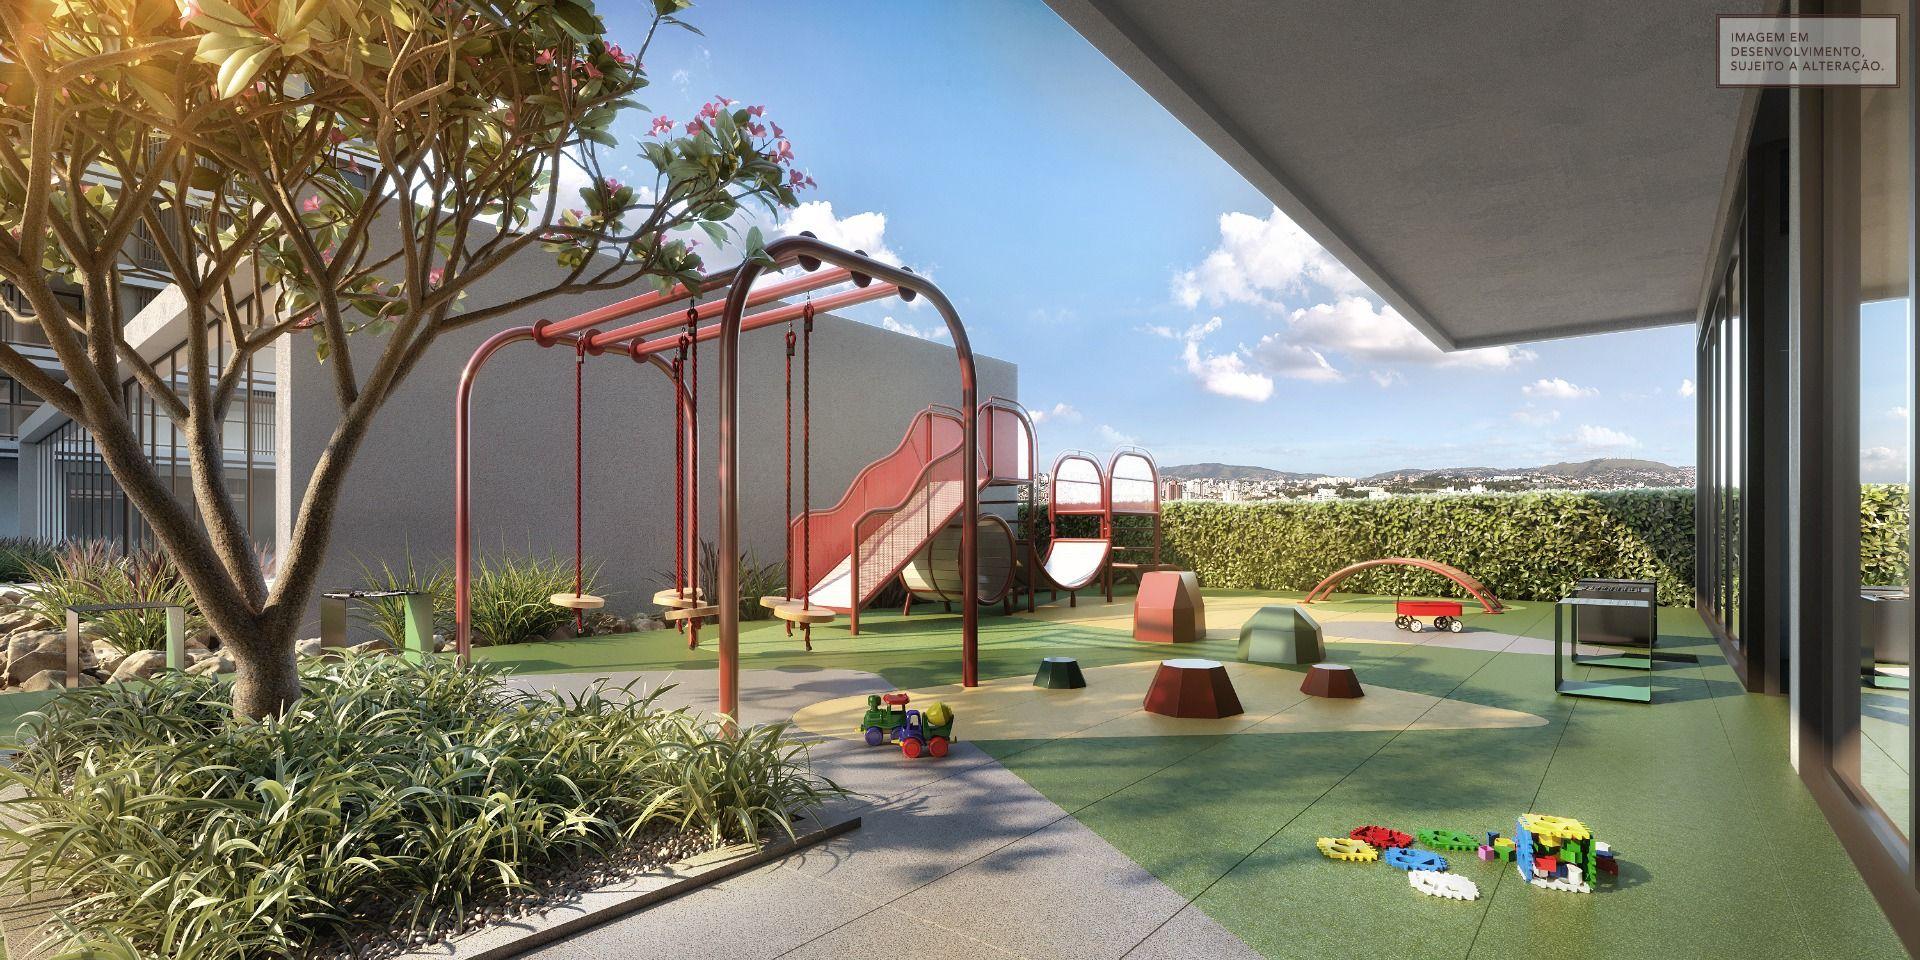 Por Arara Arquitetura e Gui Mattos - Reúne as novas tendencias de morar. IMAGENS MERAMENTE ILUSTRATIVAS.